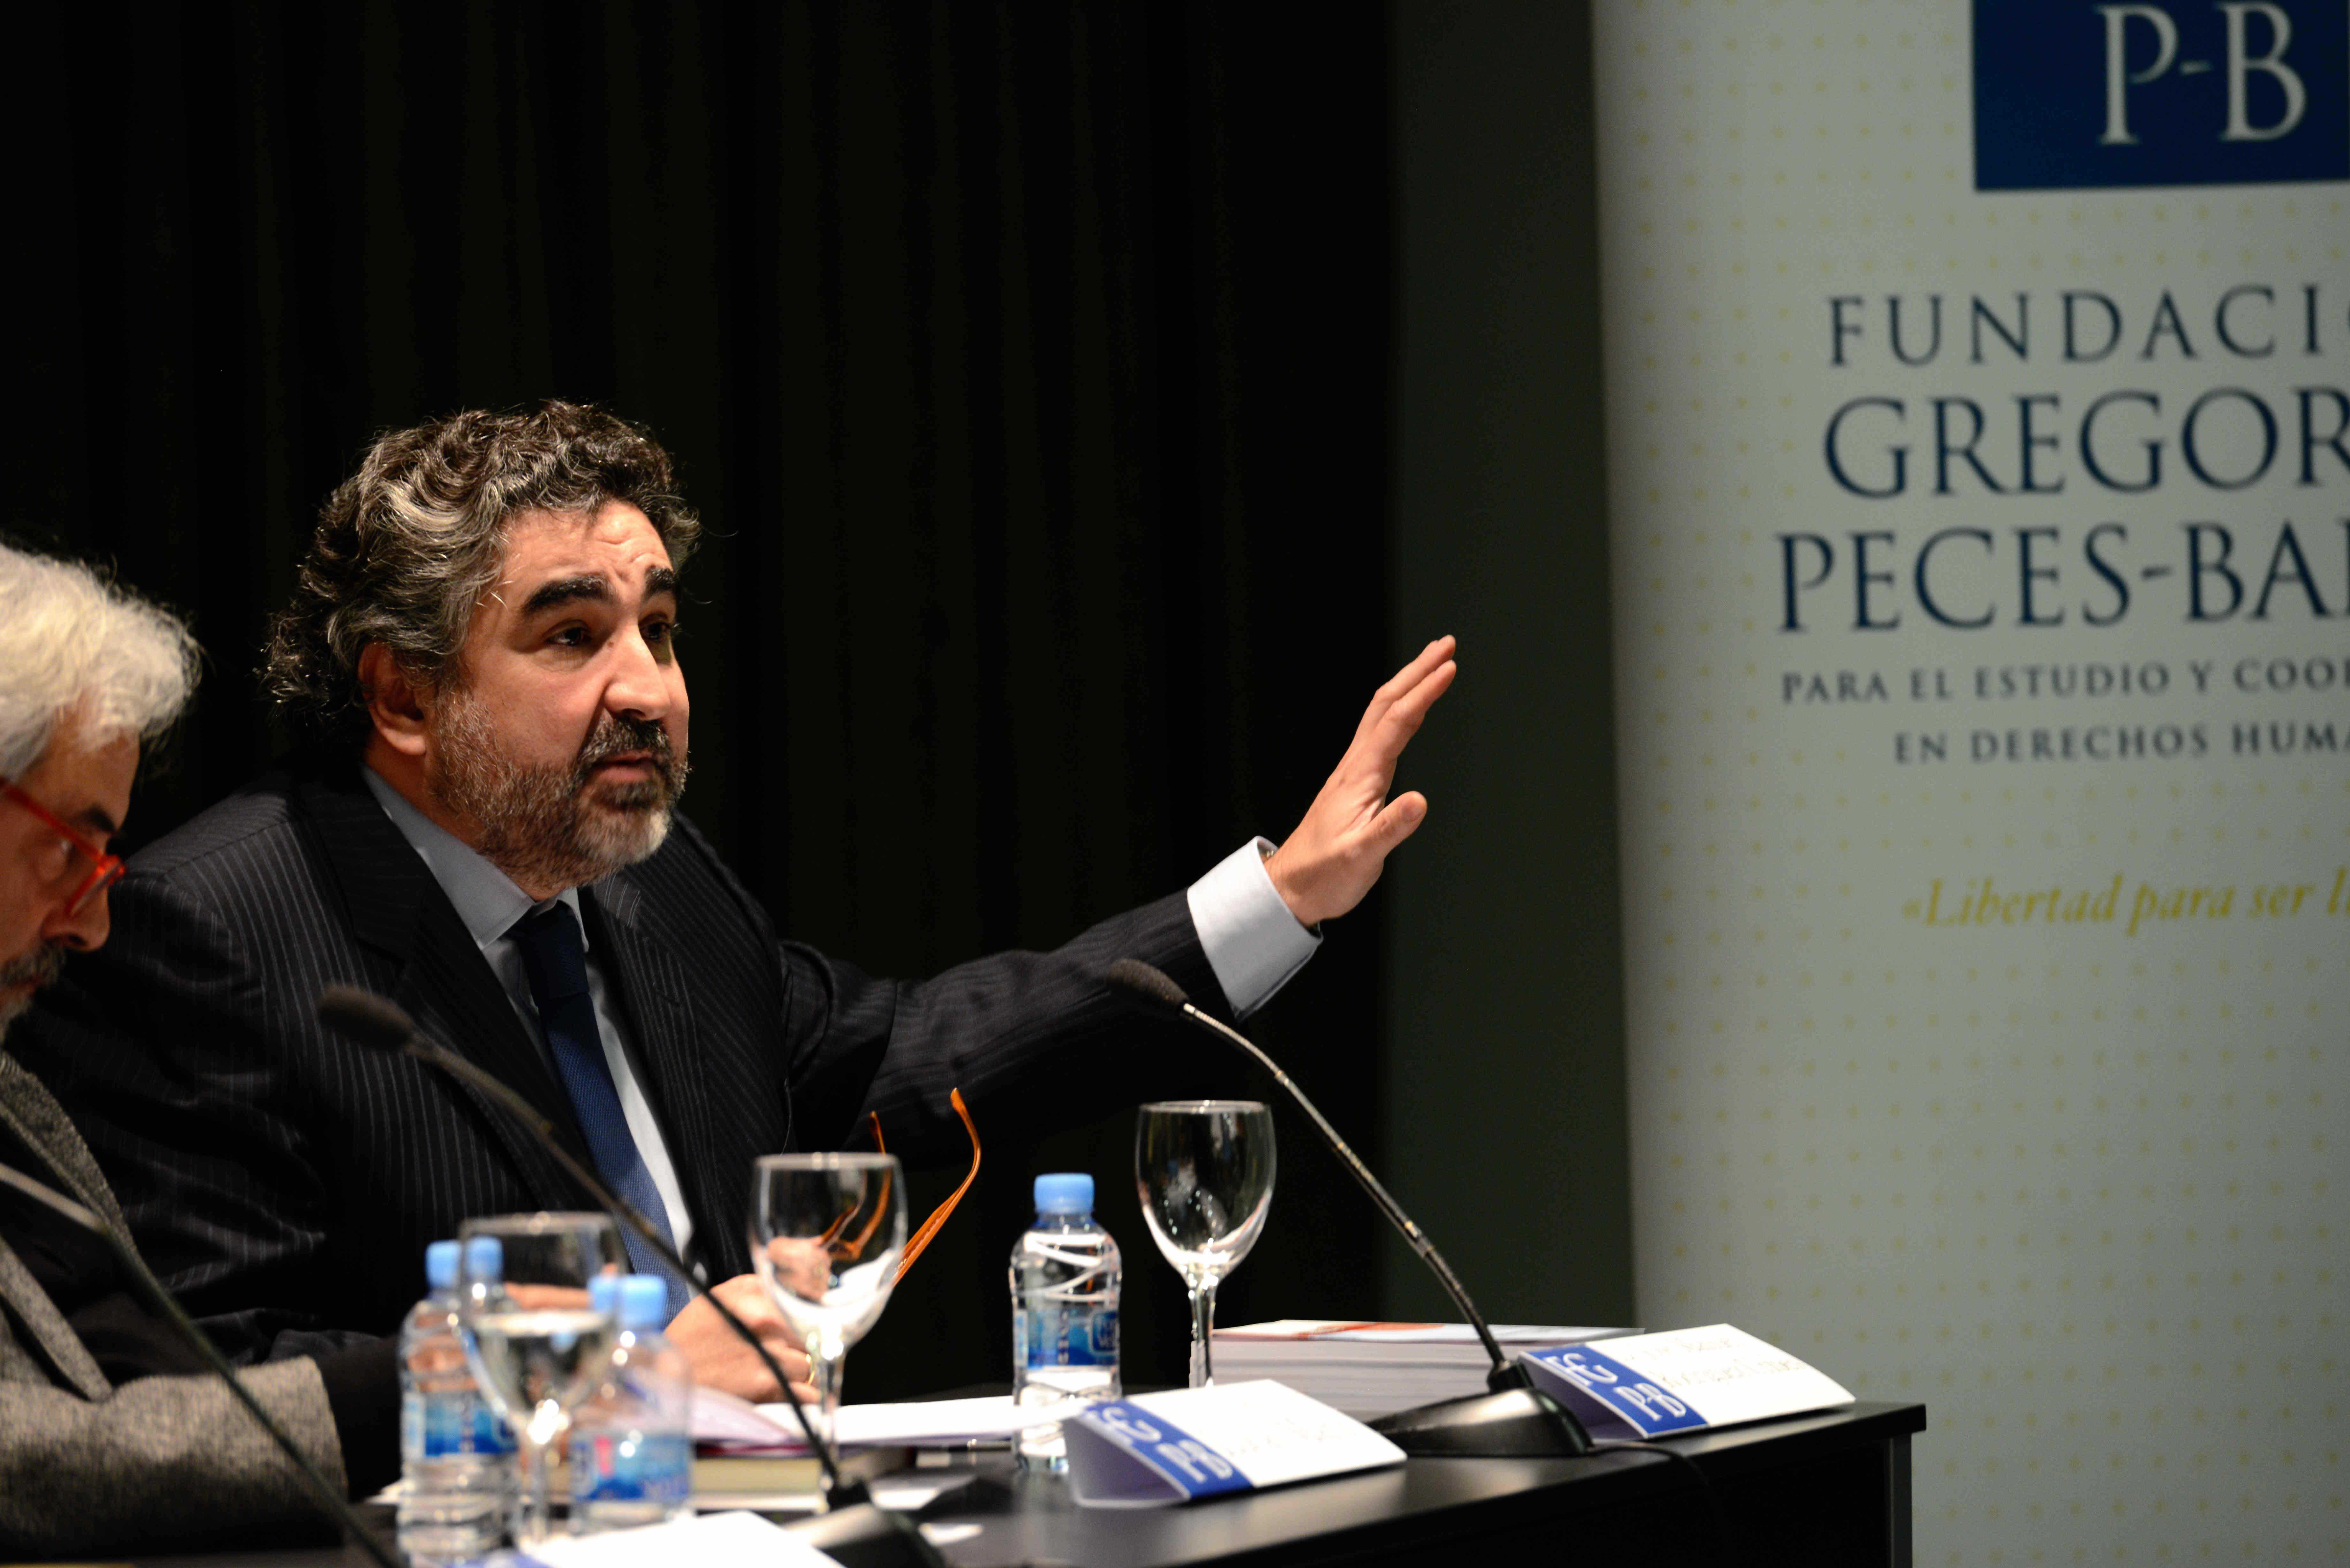 Jose Manuel Rodríguez Uribes presenta las III jornadas